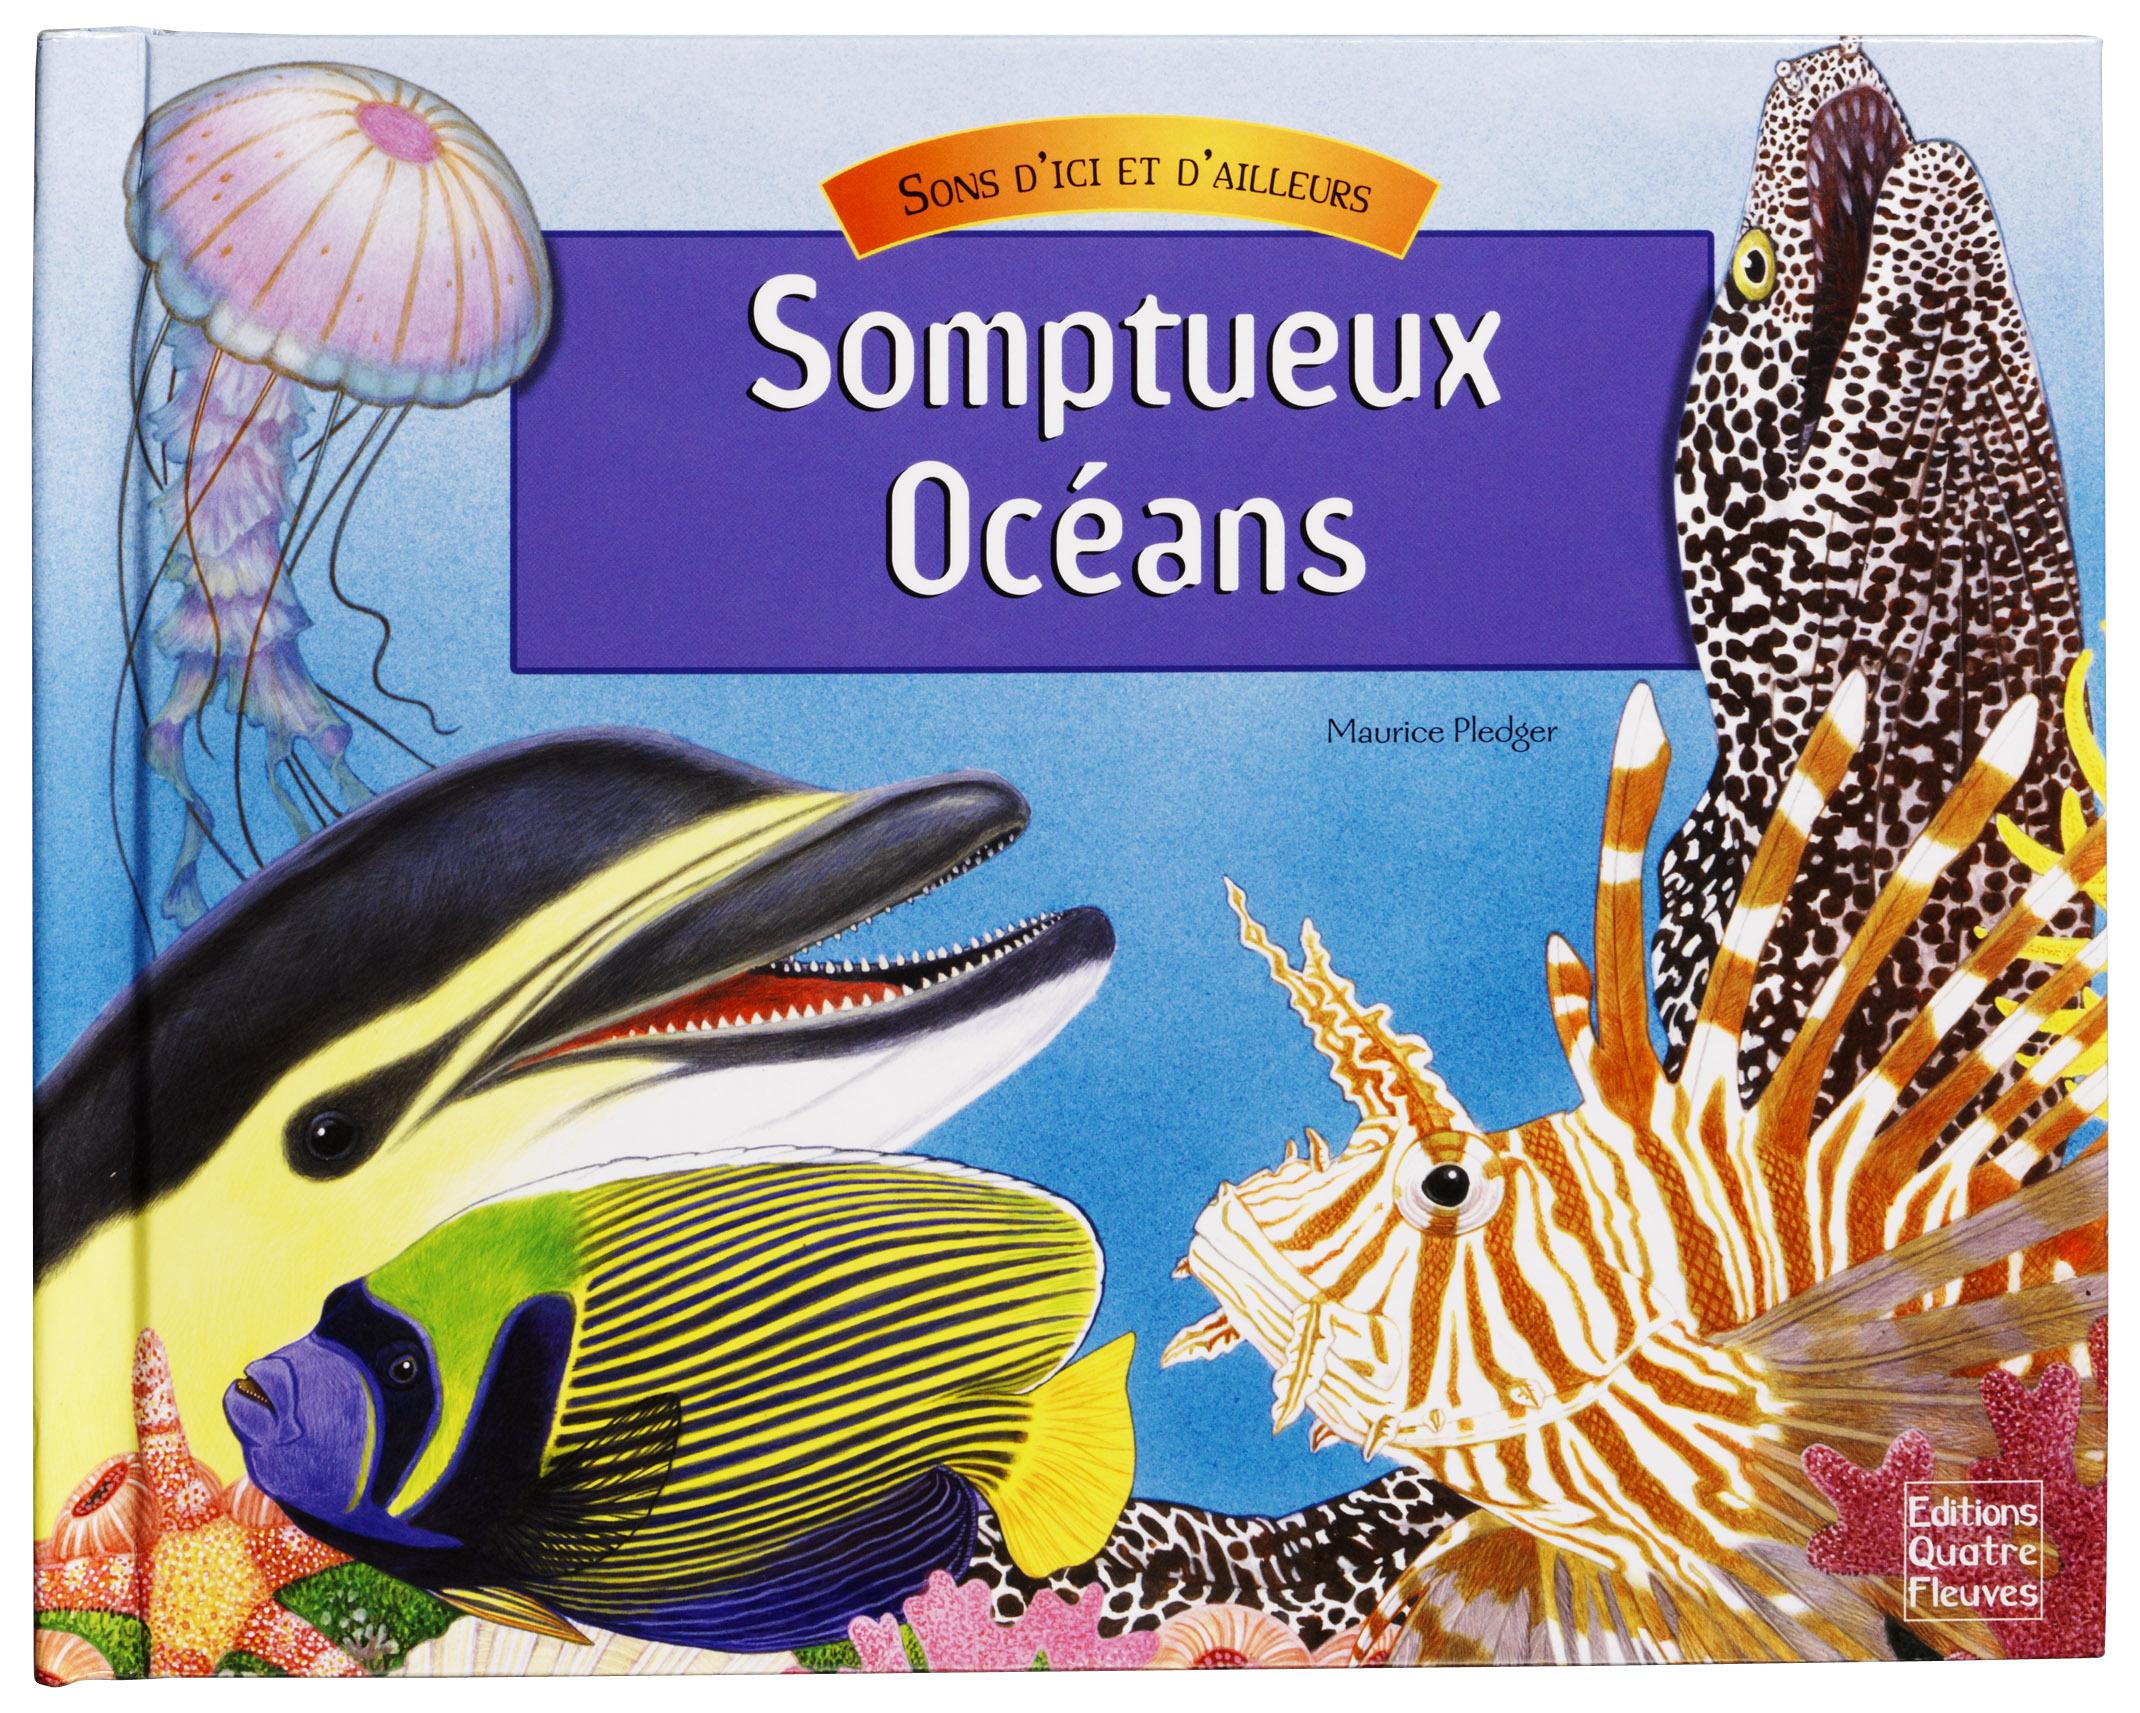 SOMPTUEUX OCEANS